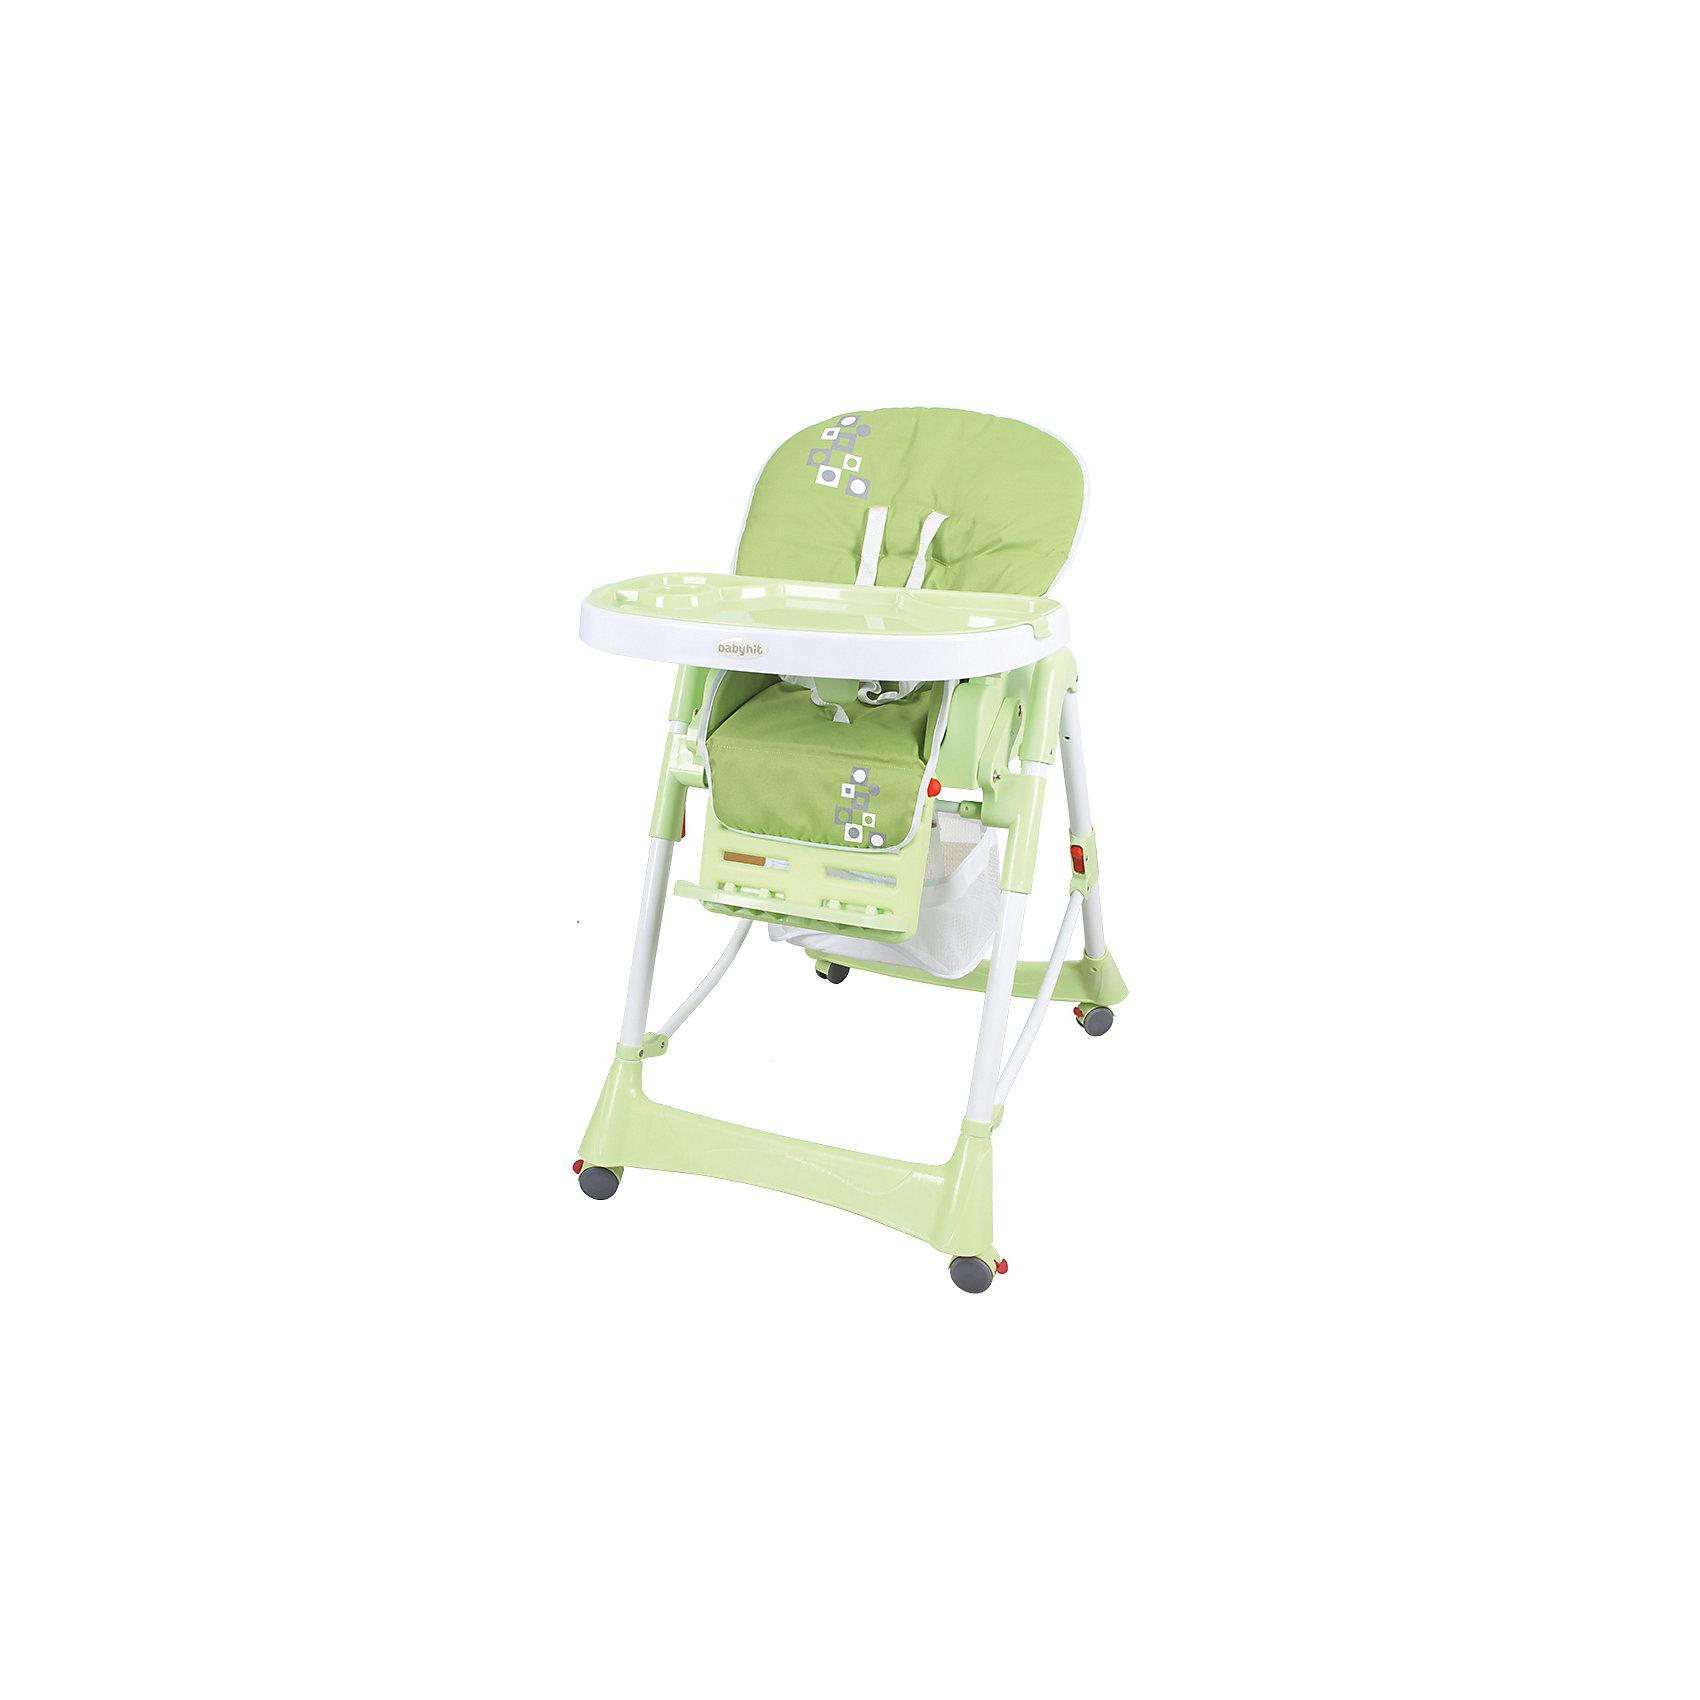 Стульчик для кормления Appetite, Baby Hit, зеленыйAppetite, BabyHit (бэби хит) – стульчик для кормления детей от 6 месяцев до 3 лет.   Наклон спинки стульчика и высота сидения регулируются. Для удобного перемещения по квартире предусмотрены колеса с фиксаторами. Стульчик легко складывается и занимает мало места, что особенно удобно  для маленькой кухни.  Для безопасности малыша есть пятиточечные ремни безопасности и паховая перегородка. На подносе имеются углубления для стаканов и бутылочек. Кроме того, внизу стульчика есть специальная корзина для игрушек, которая обязательно пригодится маленьким непоседам.<br>Особенности и преимущества:<br>-5-точечные ремни безопасности<br>-паховая перегородка<br>-5 положений по высоте, 3 положения столика, регулируемый наклон спинки<br>-корзина для игрушек<br>-колеса с фиксаторами<br>Размеры: 70x29x49<br>Вес: 9,4 кг<br>Приобретайте стульчик Appetite в нашем интернет-магазине.<br>ВНИМАНИЕ! Данный артикул имеется в наличии в разных цветовых исполнениях (бежевый, голубой, зеленый, красный).  К сожалению, заранее выбрать определенный цвет не возможно.<br><br>Ширина мм: 490<br>Глубина мм: 290<br>Высота мм: 700<br>Вес г: 10500<br>Возраст от месяцев: 6<br>Возраст до месяцев: 36<br>Пол: Унисекс<br>Возраст: Детский<br>SKU: 4881280